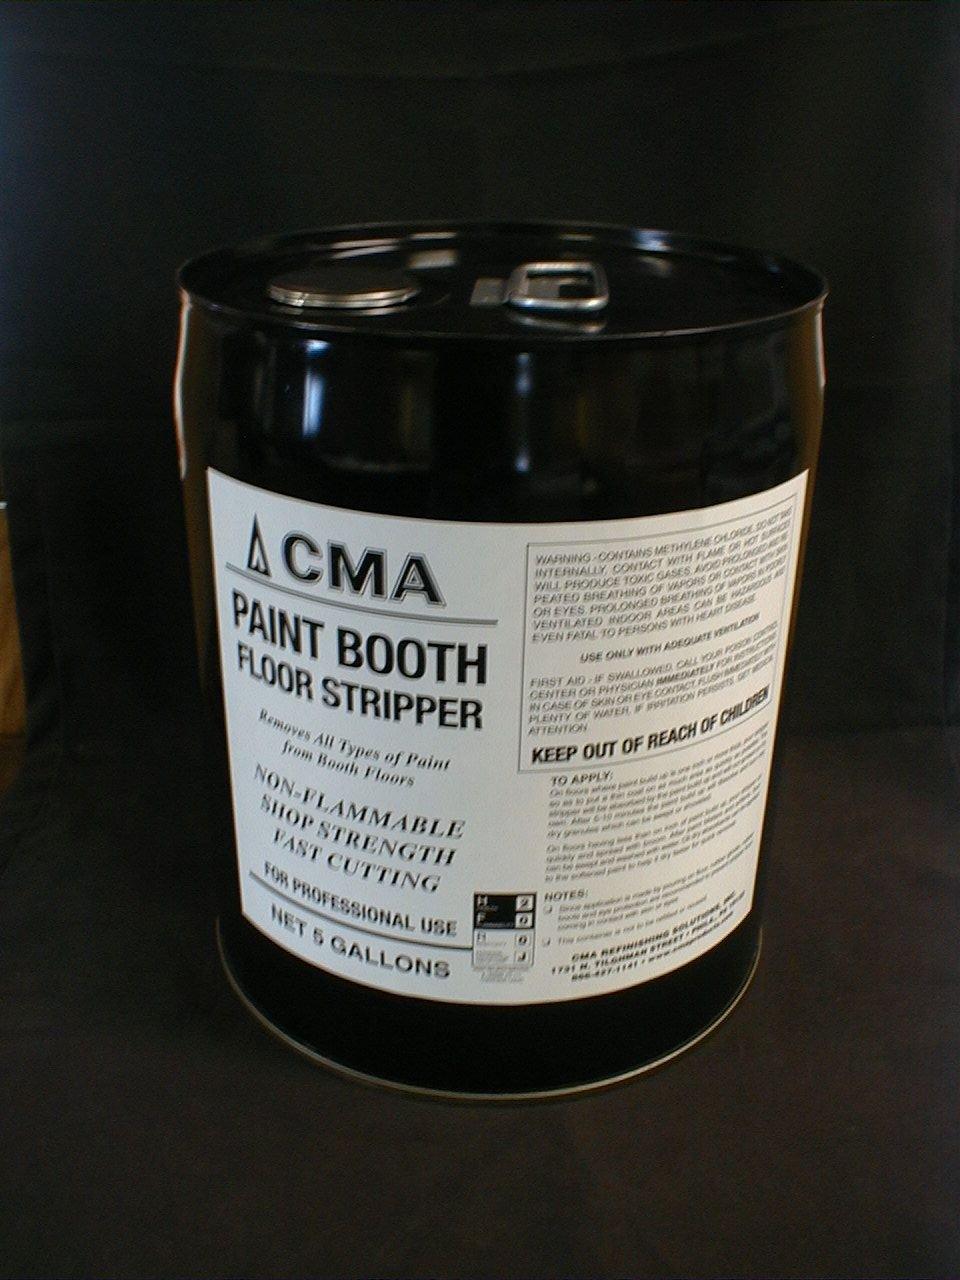 Cma pintura stand piso stripper otros pinturas y revestimientos identificaci n del producto - Pinturas y revestimientos ...